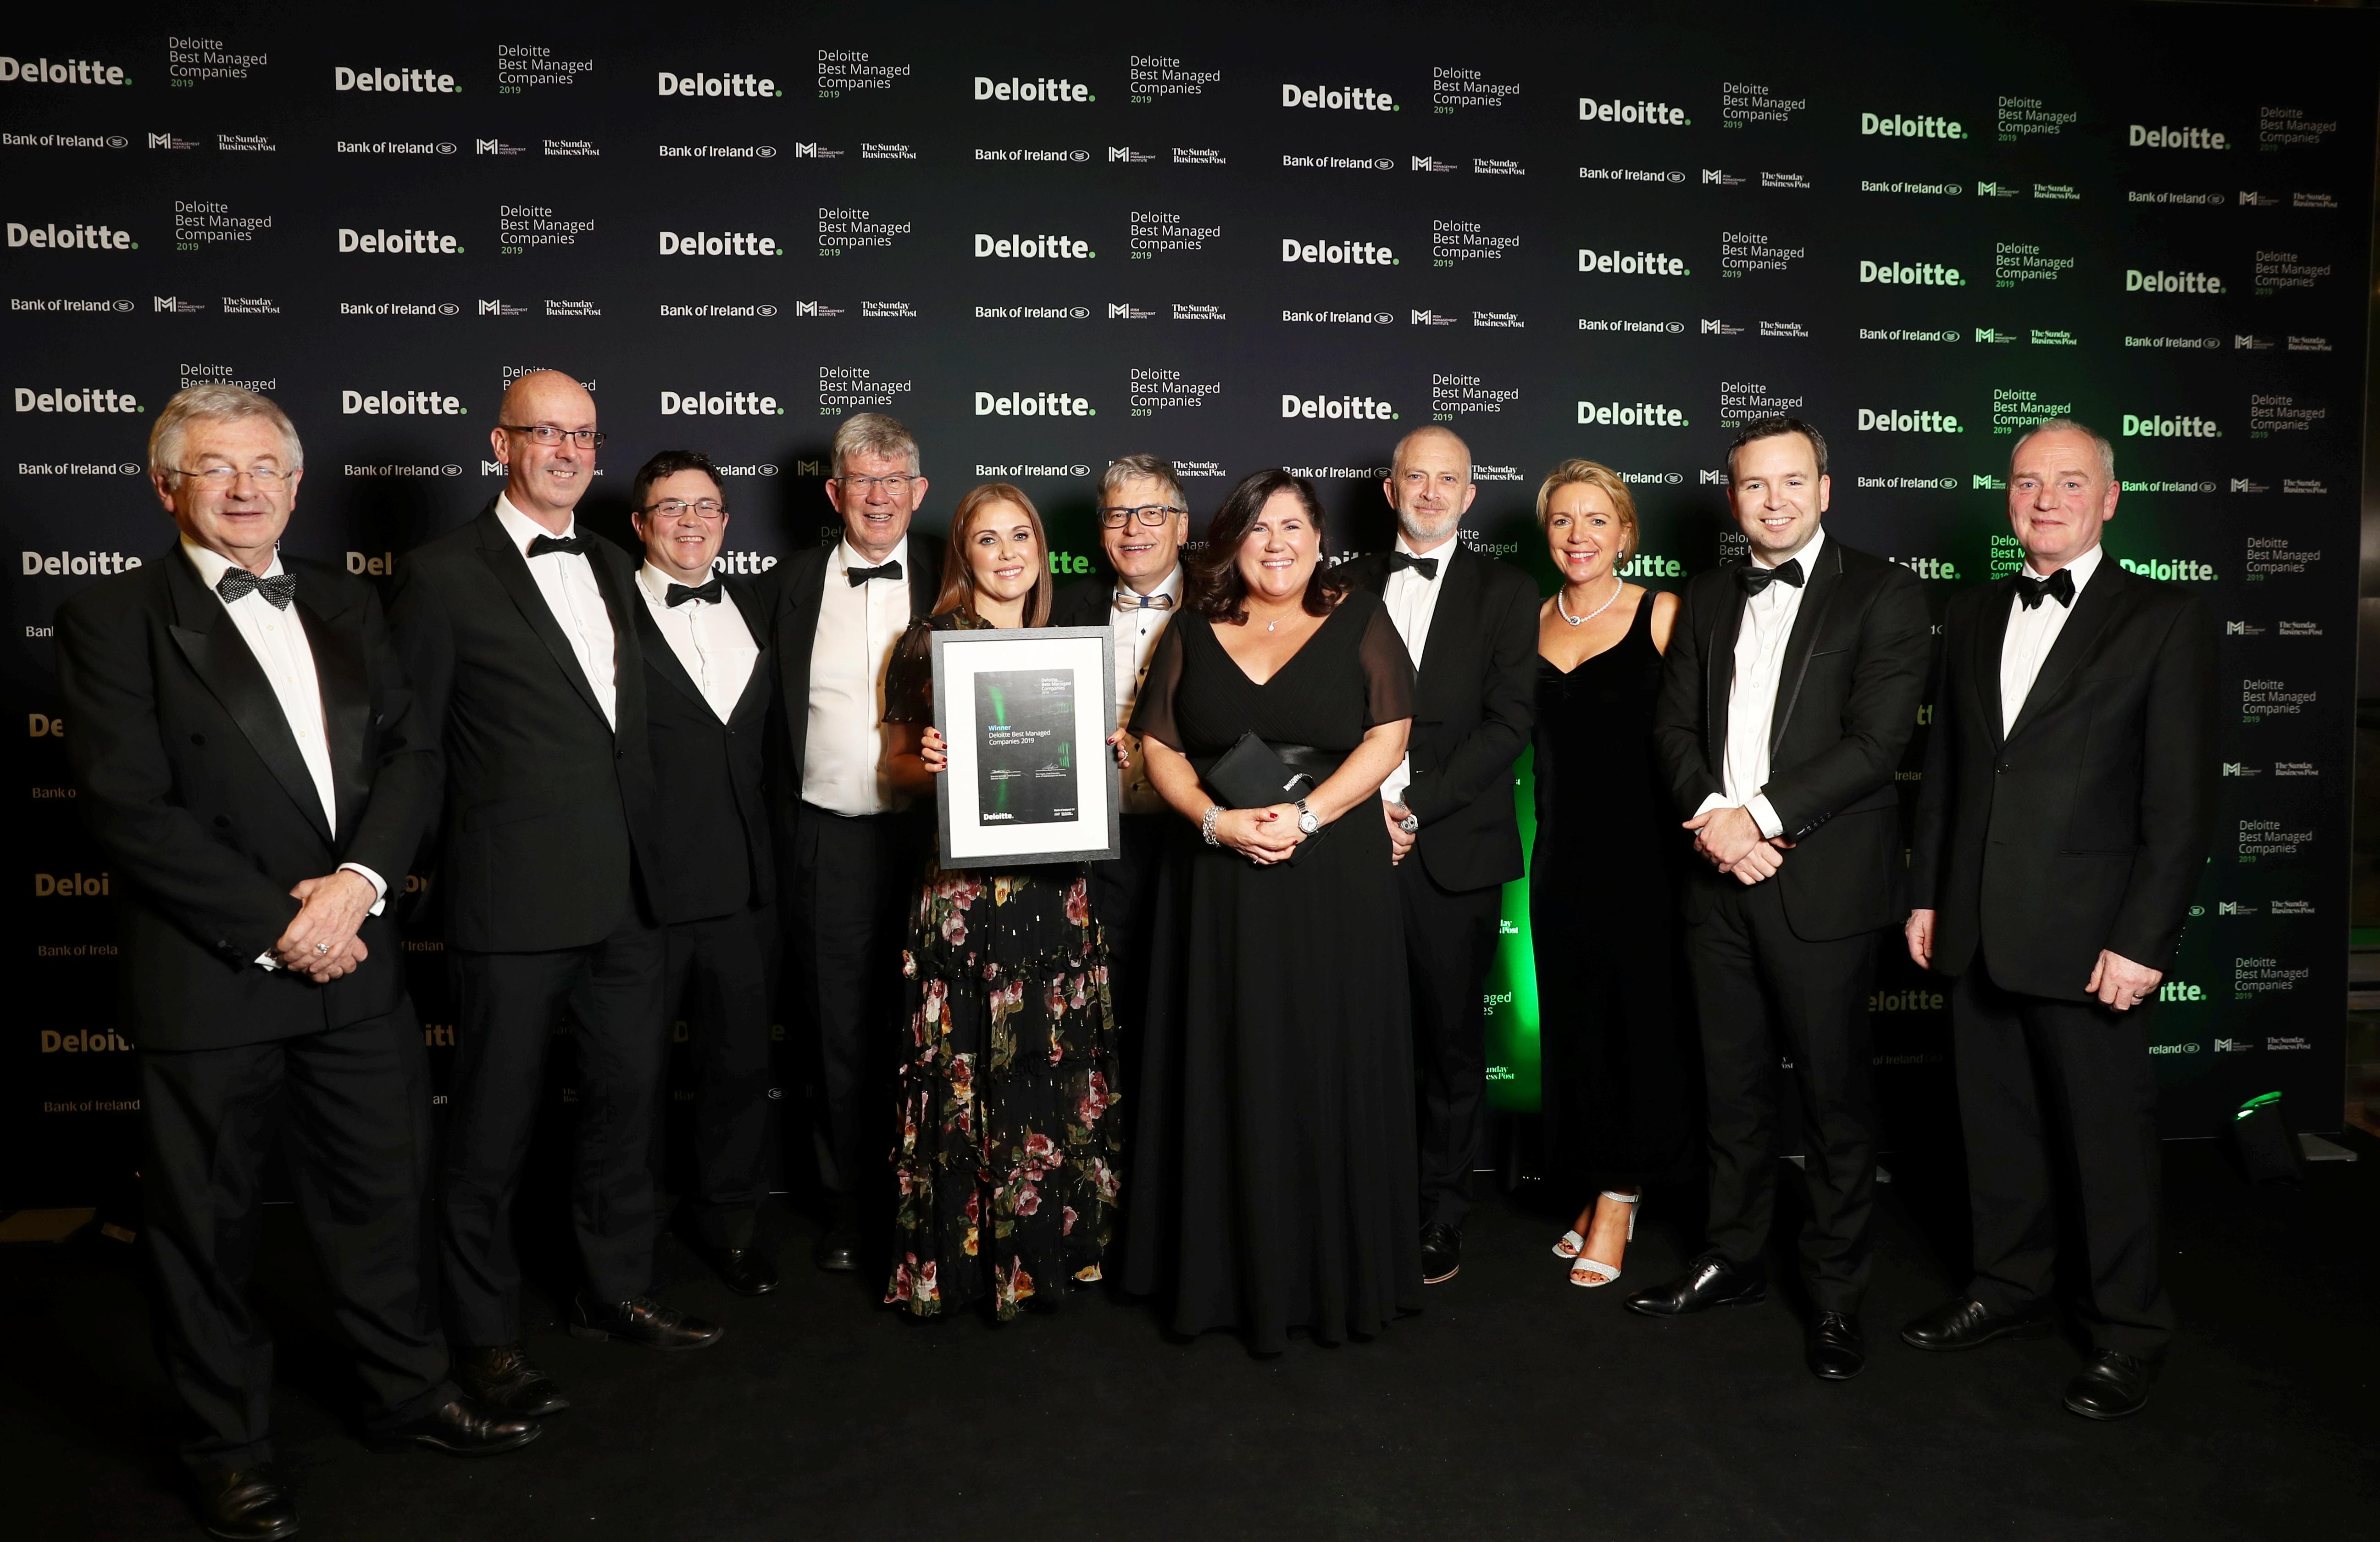 Arkphire - Deloitte Best Managed Award 2019